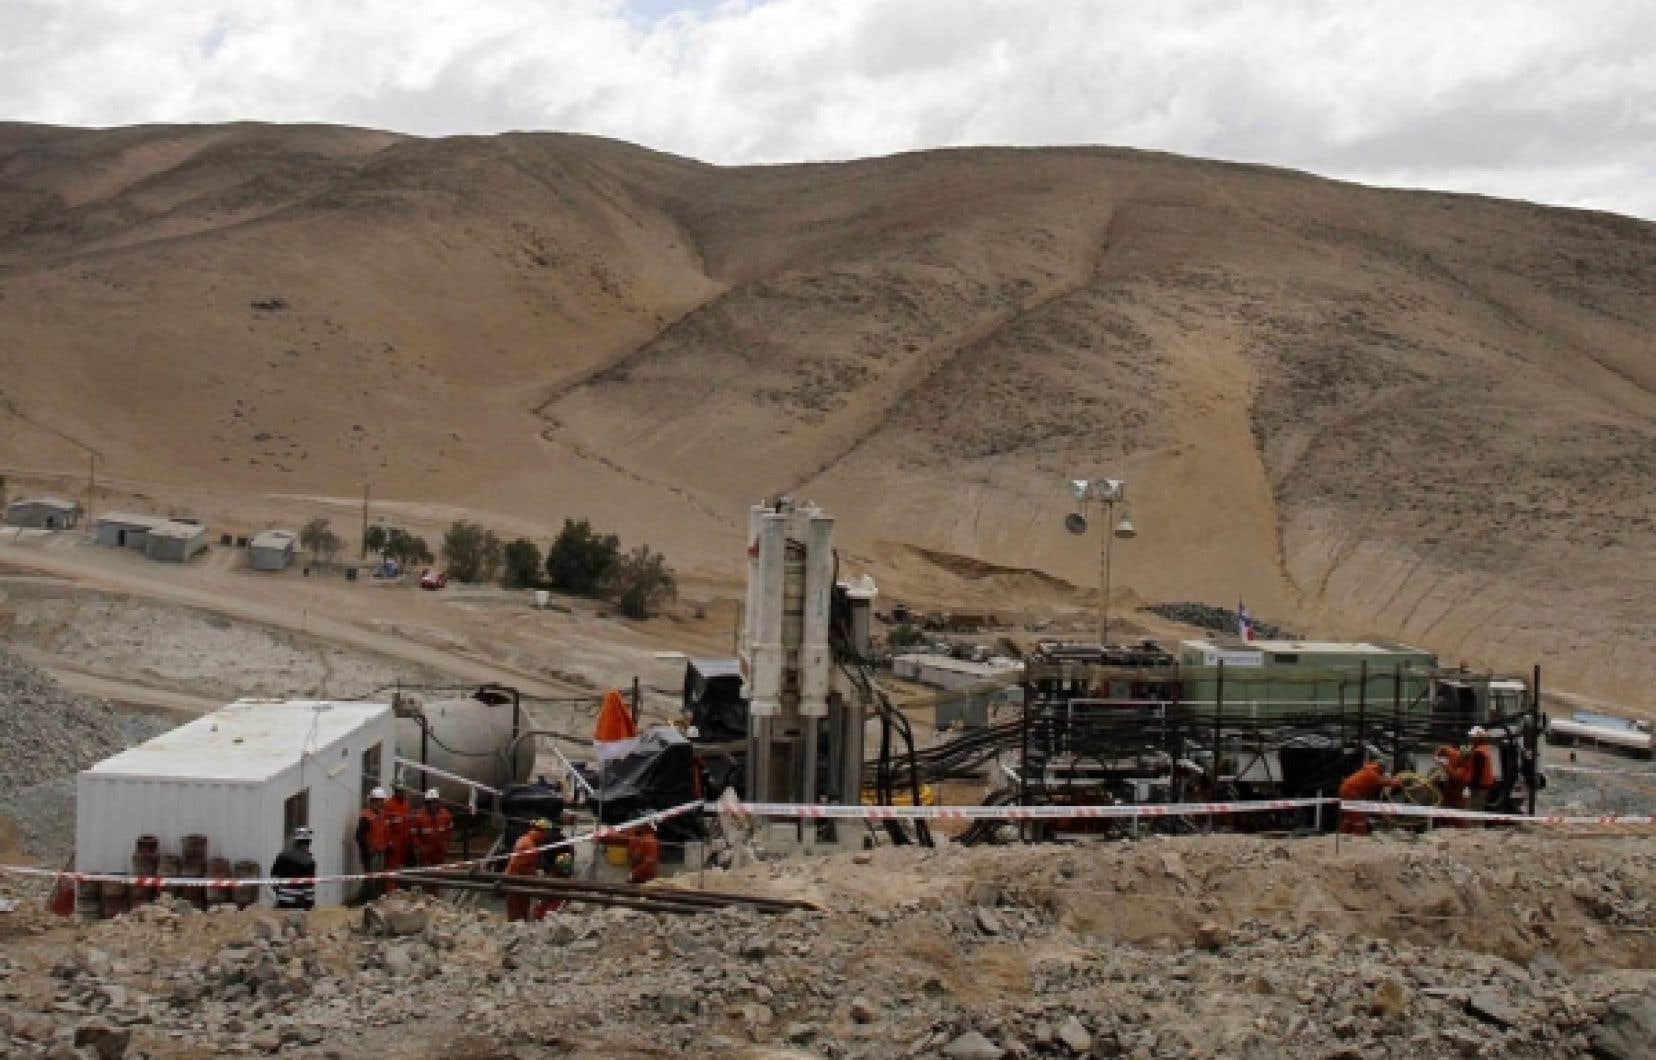 Pendant que l'on s'affaire à forer un tunnel pour sortir 33 mineurs de leur prison, les rescapés parlent des dangers dans lesquels ils travaillaient à Copiapo, au Chili.